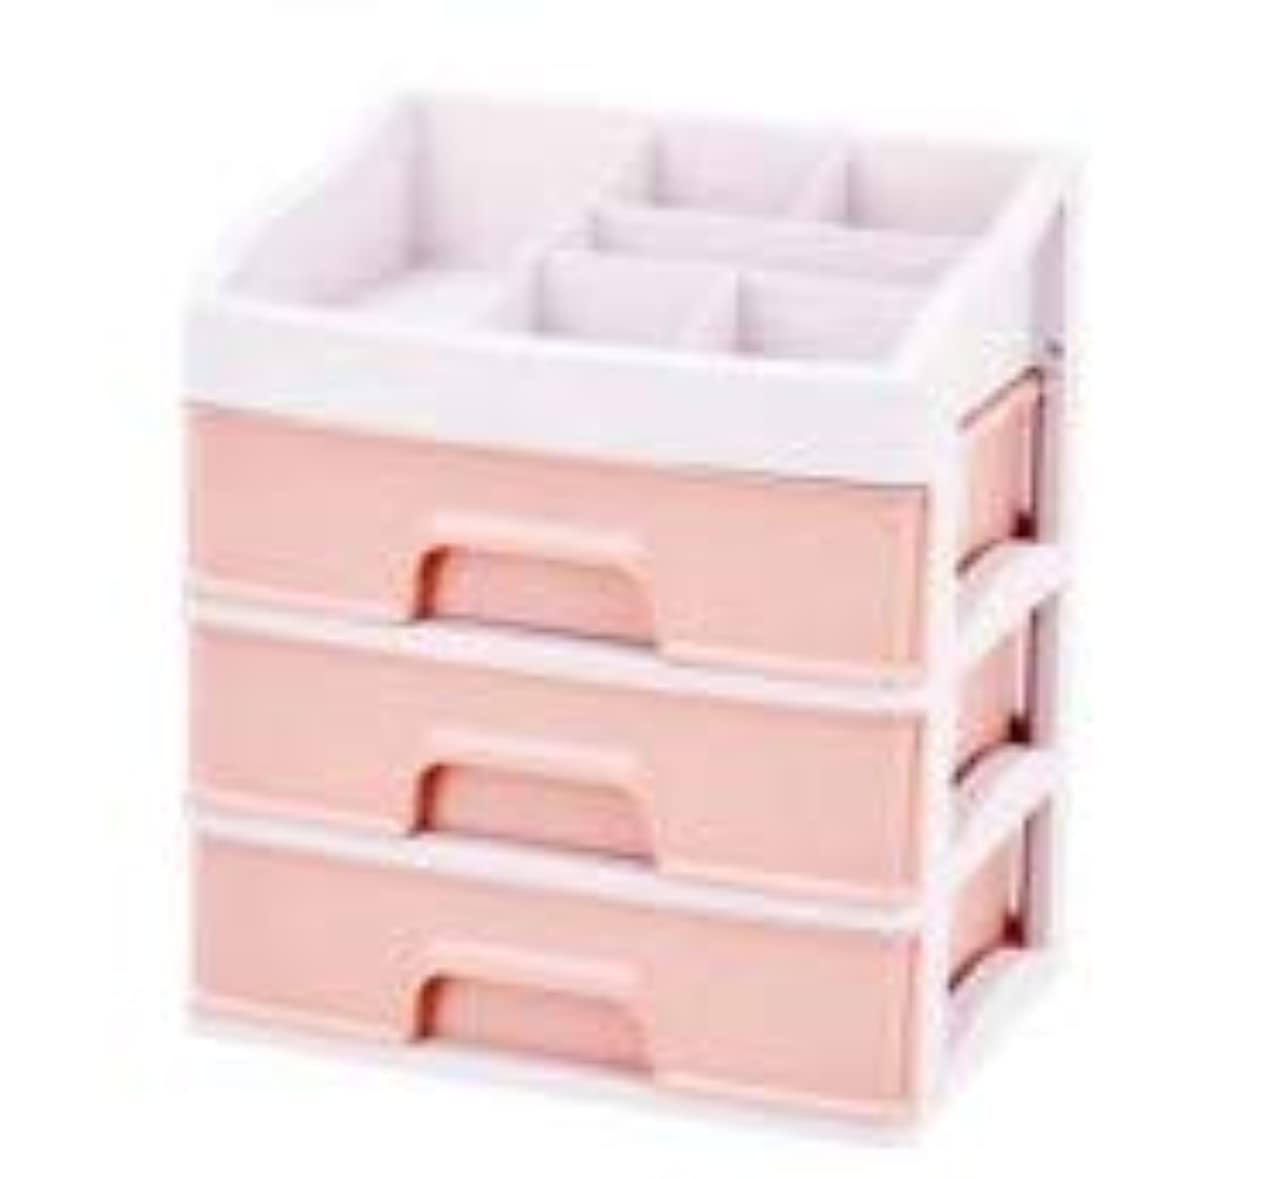 感じ贅沢な慣性化粧品収納ボックス引き出しデスクトップ収納ラック化粧台化粧品ケーススキンケア製品 (Size : L)